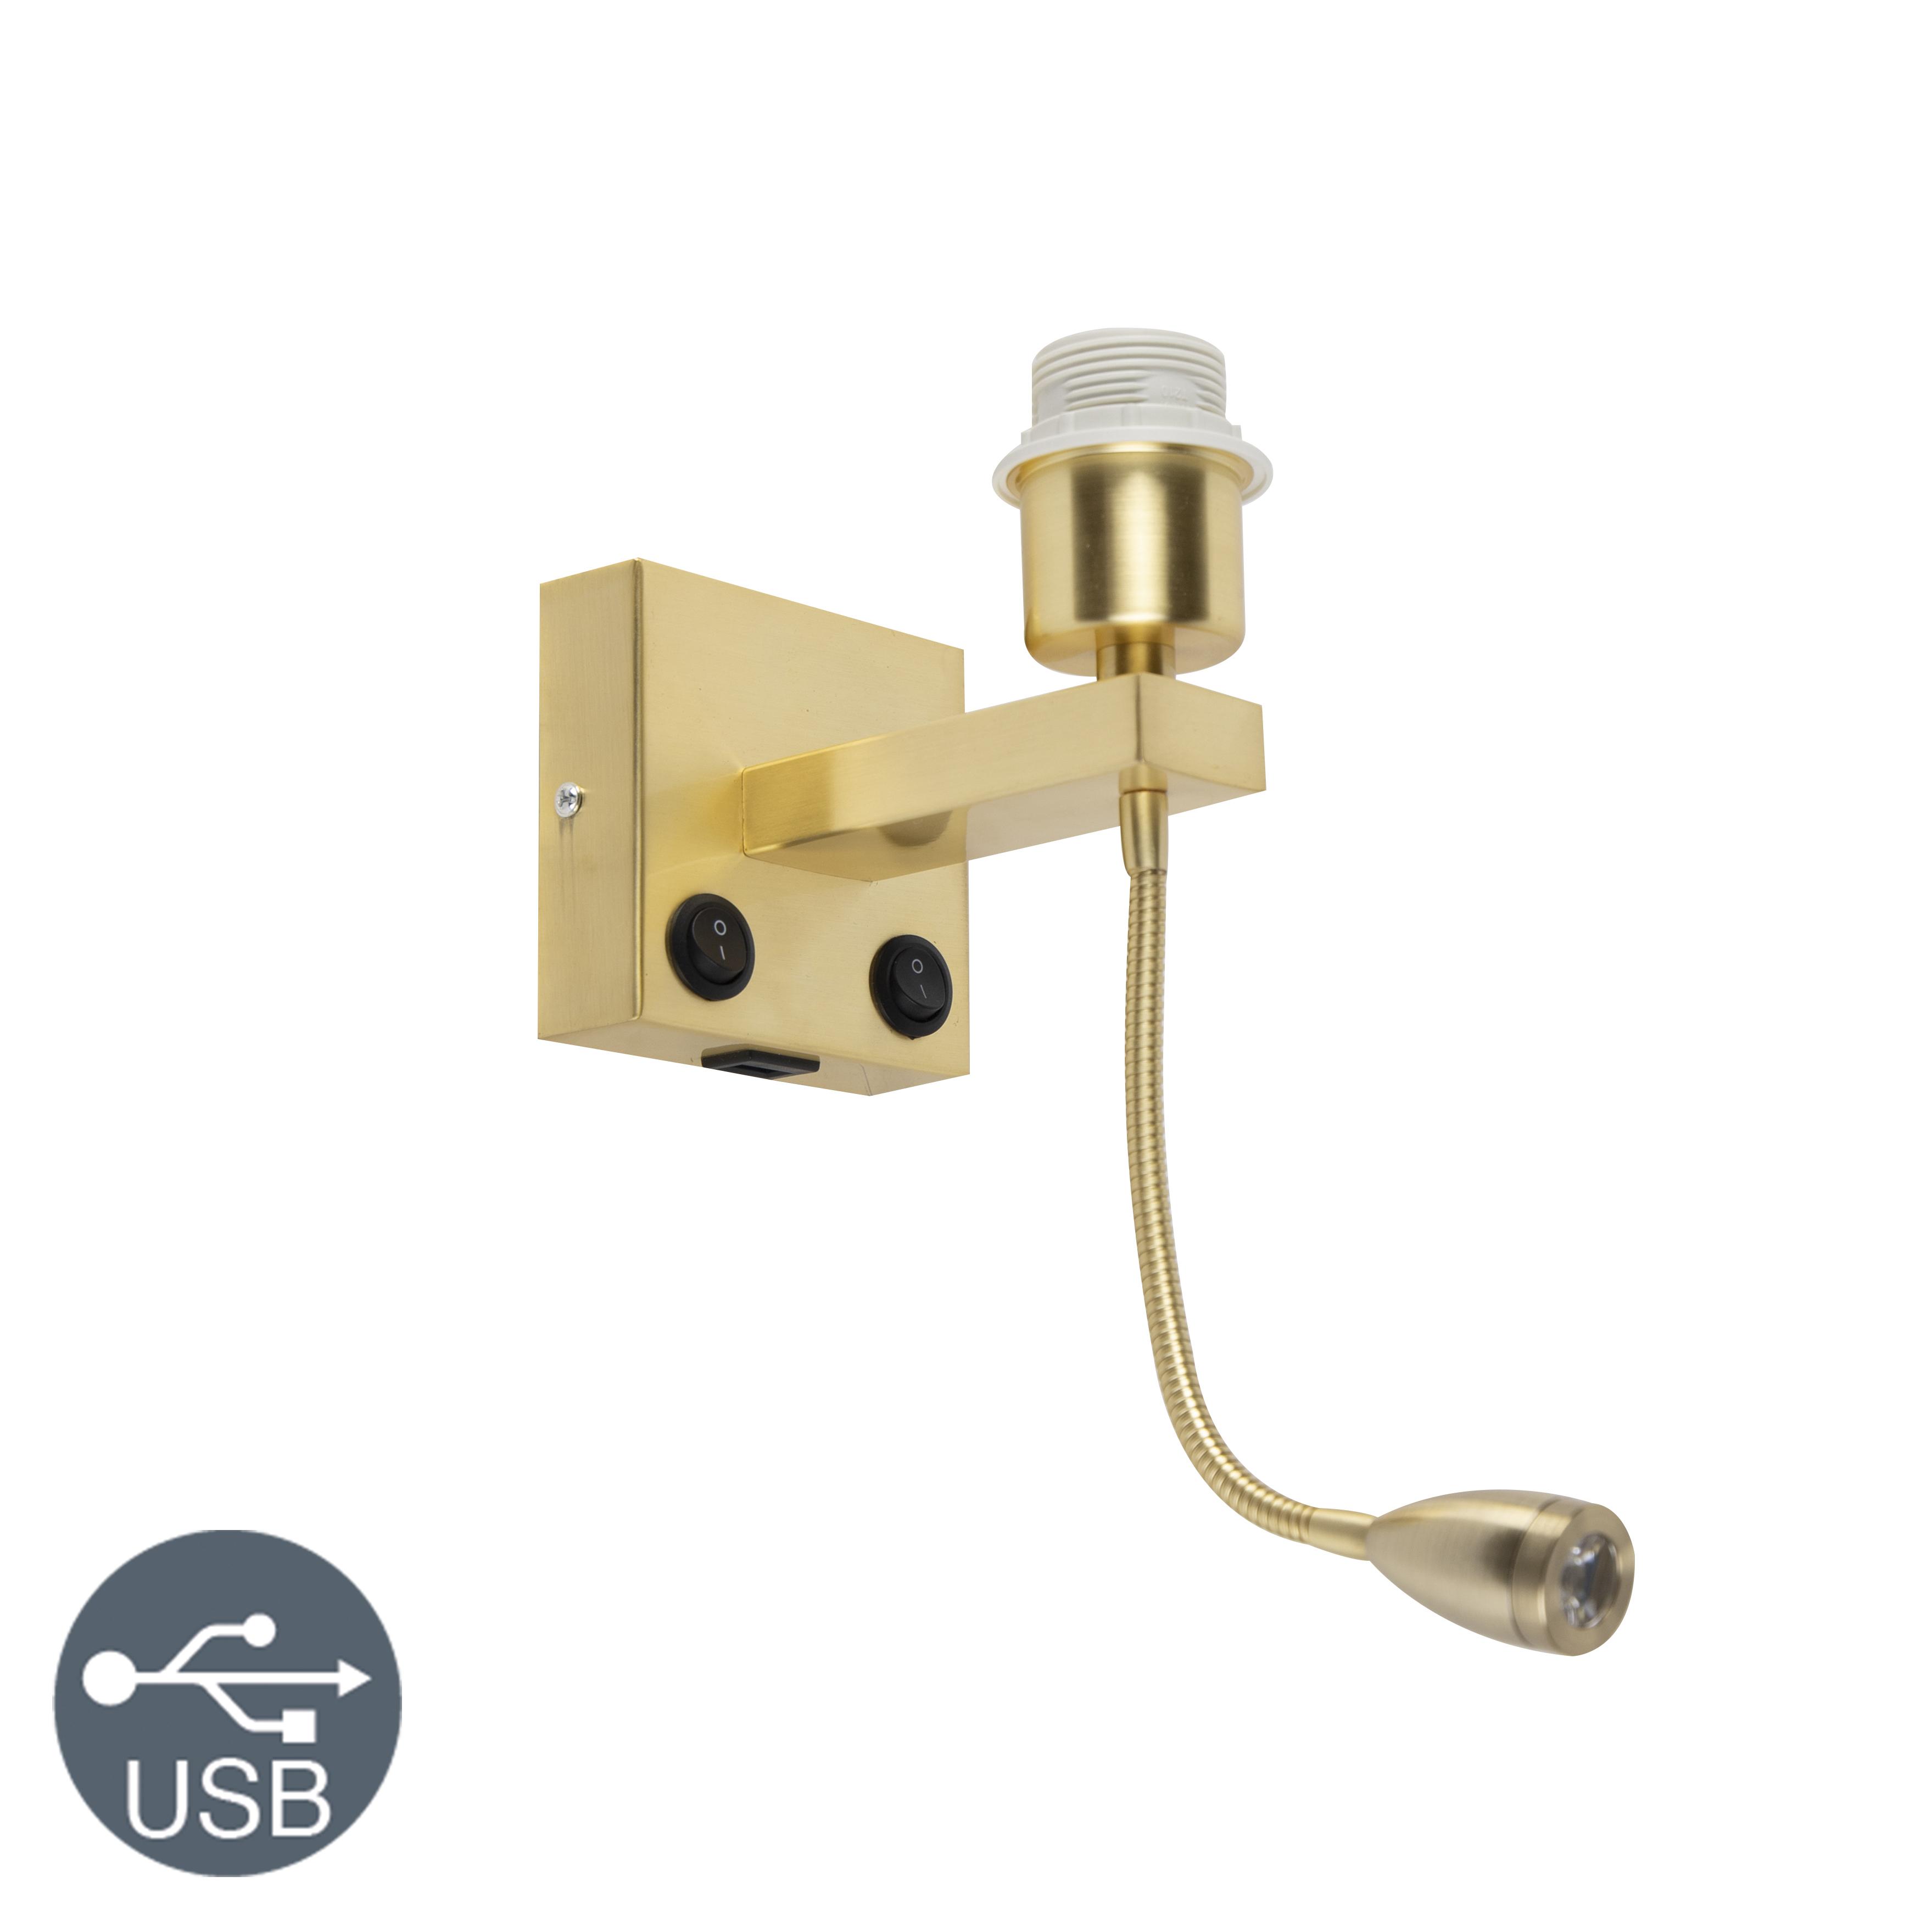 Nowoczesny kinkiet złoty z elastycznym ramieniem USB - Brescia Combi